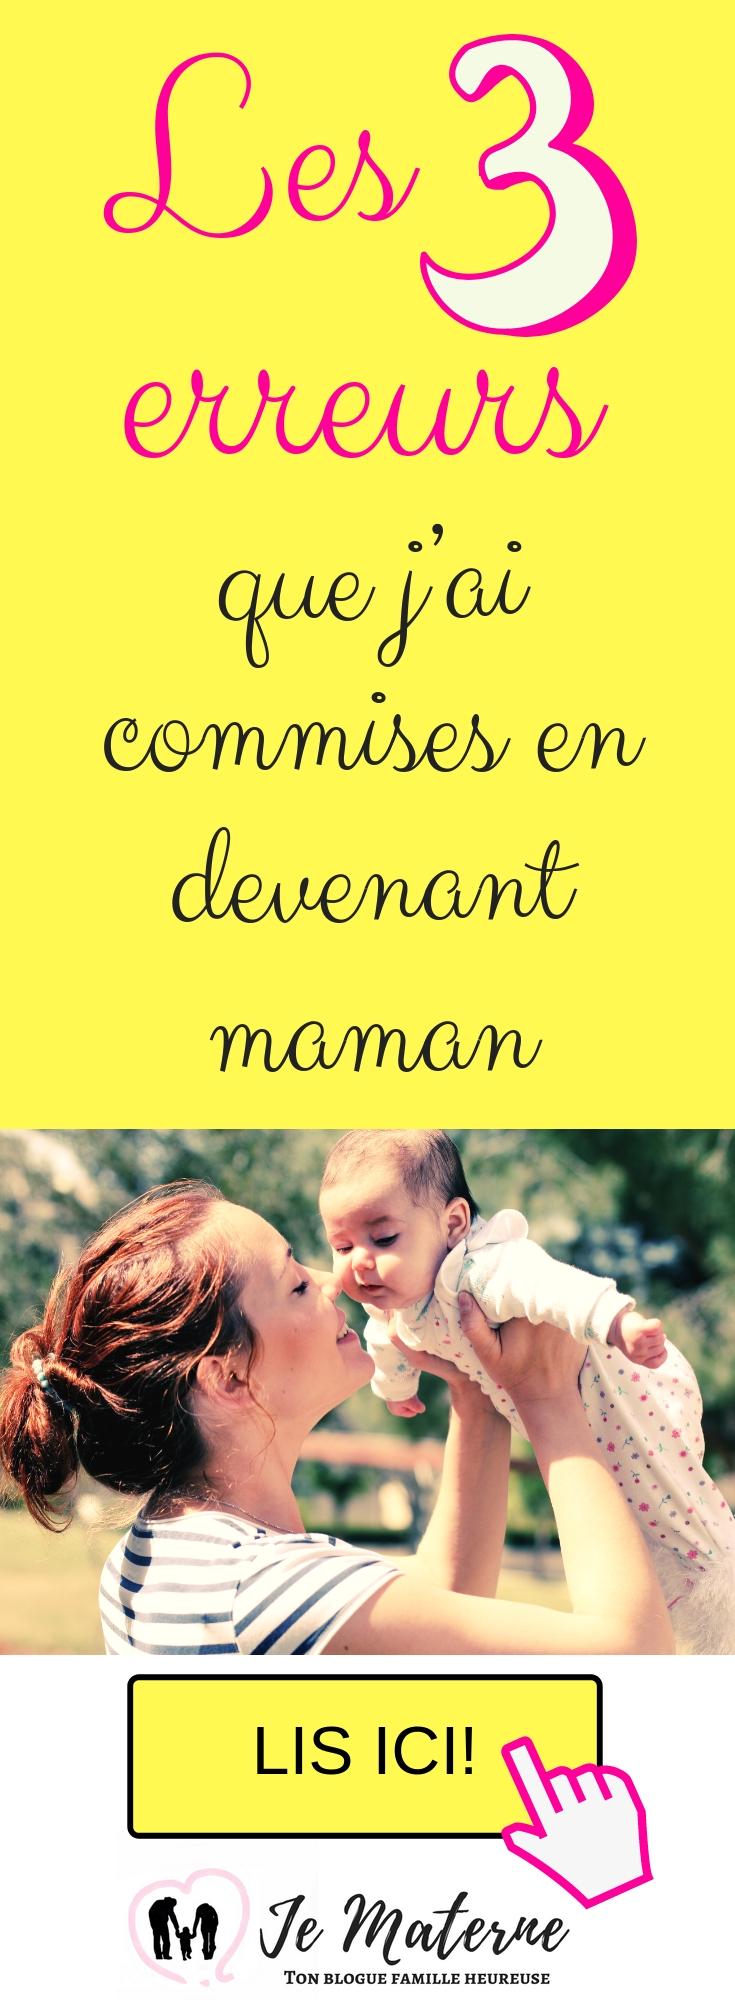 Les 3 erreurs que j'ai commises en devenant maman - à lire absolument sur JeMaterne.com #viedemaman #maman #bébé #enfants http://jematerne.com/2018/09/13/les-3-erreurs-que-jai-commises-en-devenant-maman